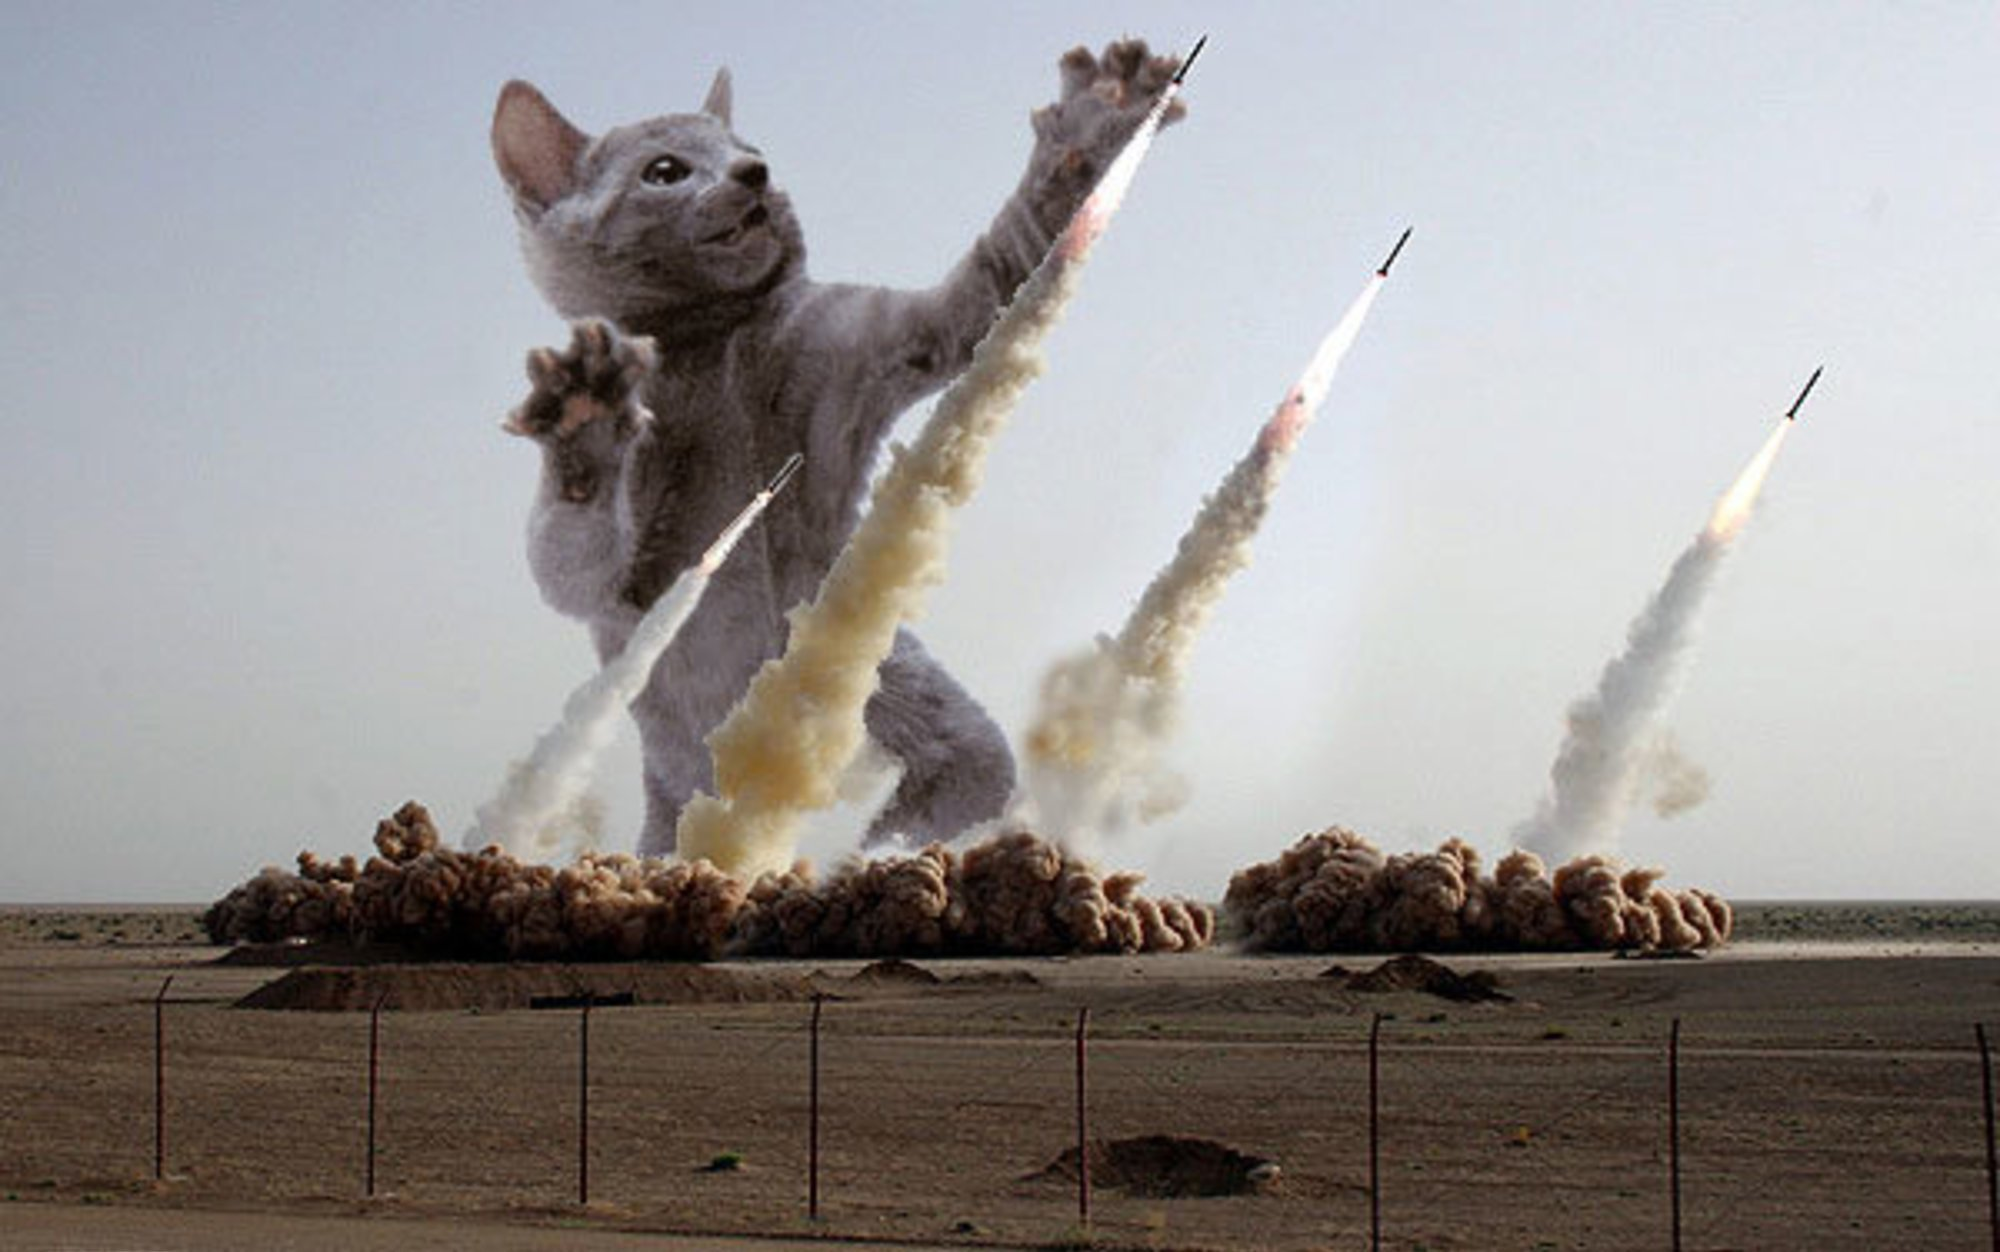 Ракета смешные картинки, надписью красавчик